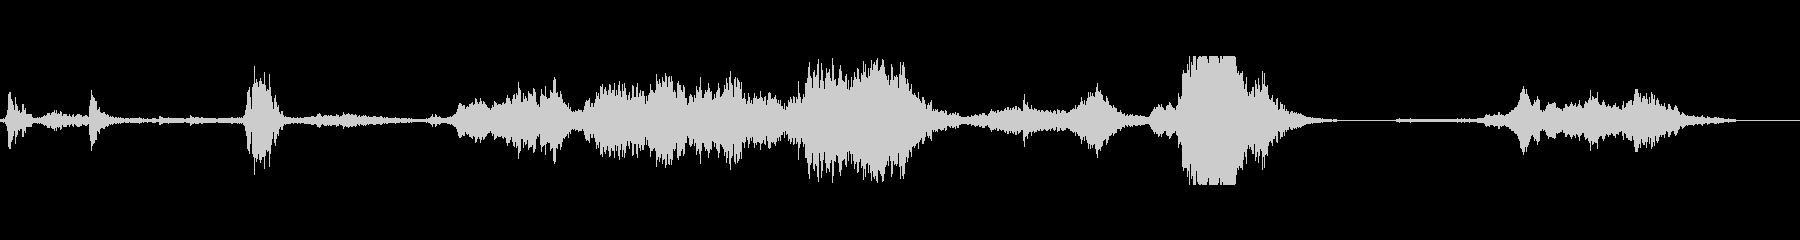 金属スクリーキーキールハイの未再生の波形